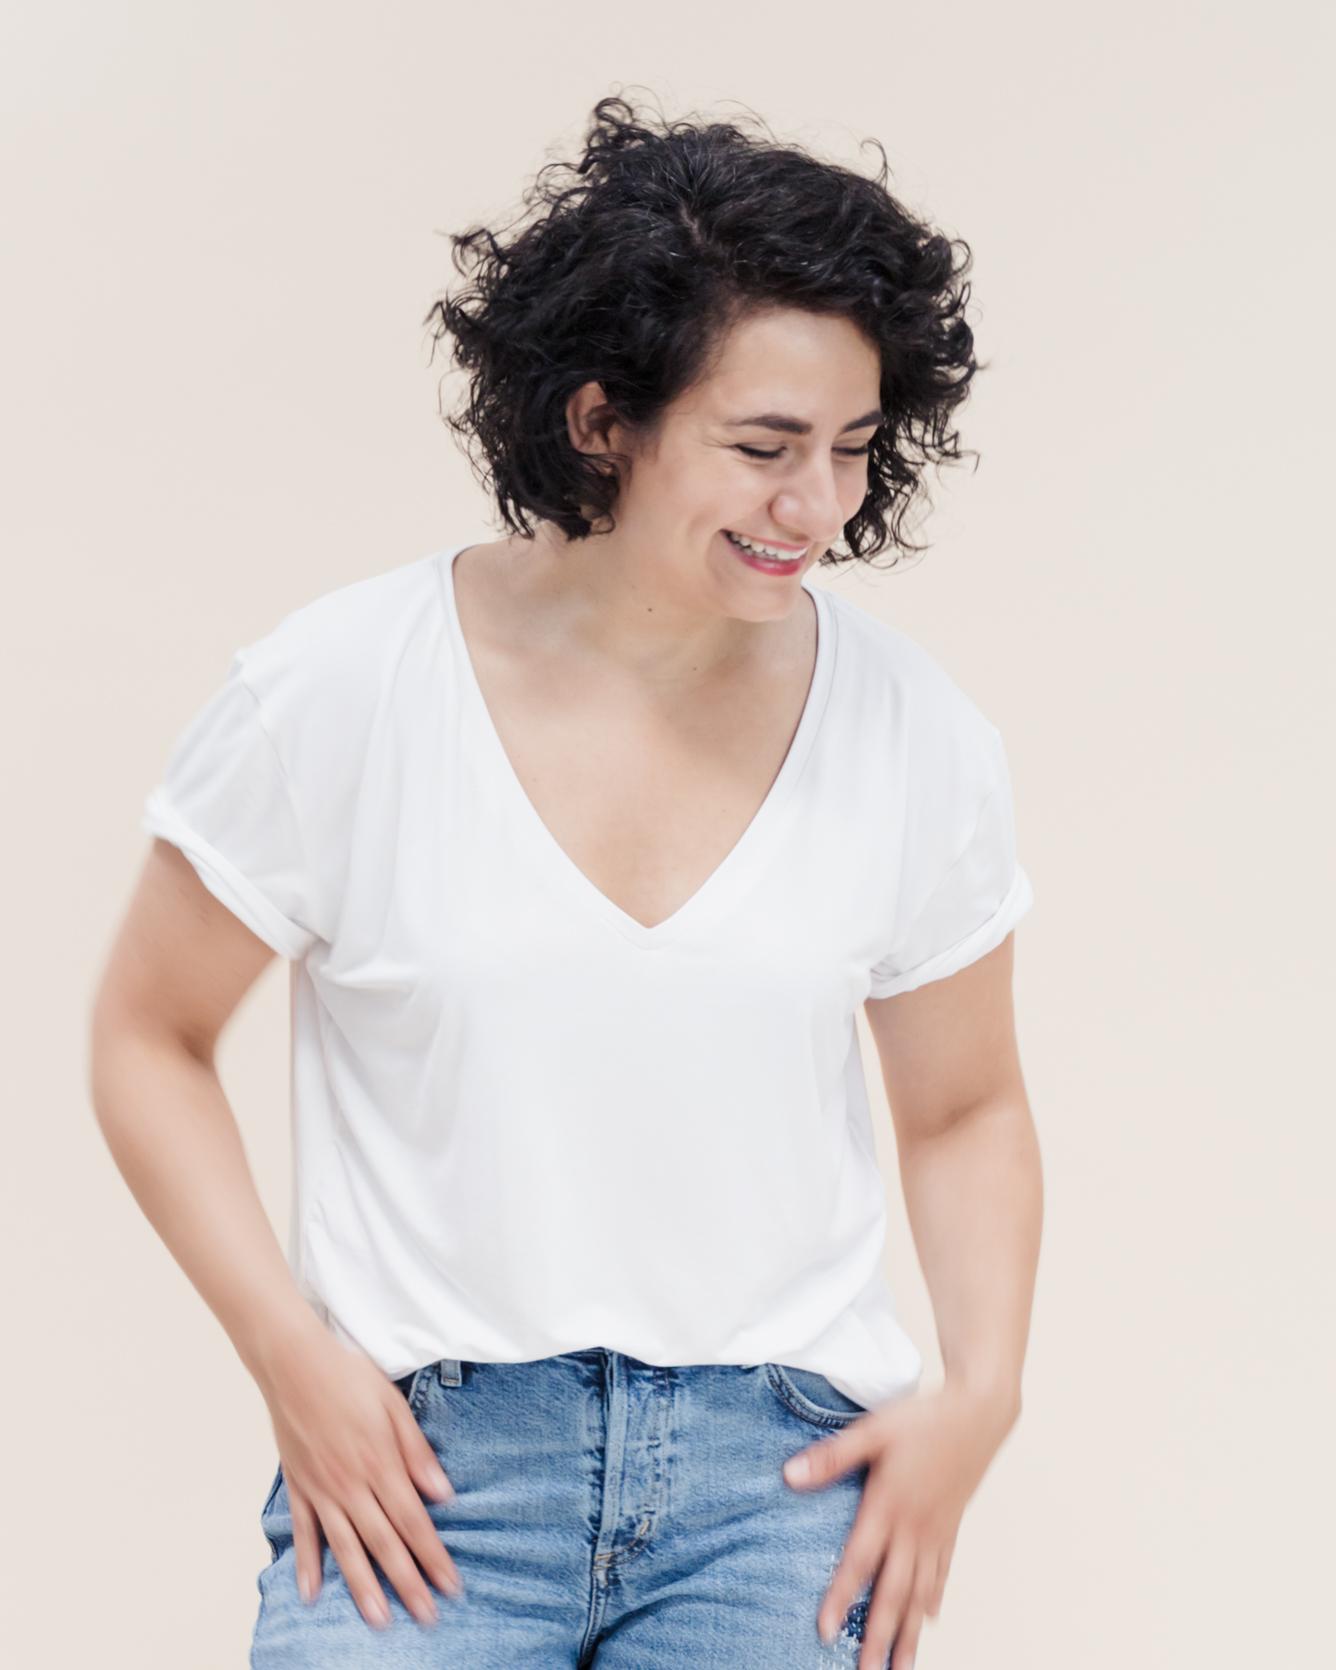 Tomboy T-Shirts Schnittmuster für trendige Oversize T-Shirts in angesagtem Boyfriend Look.